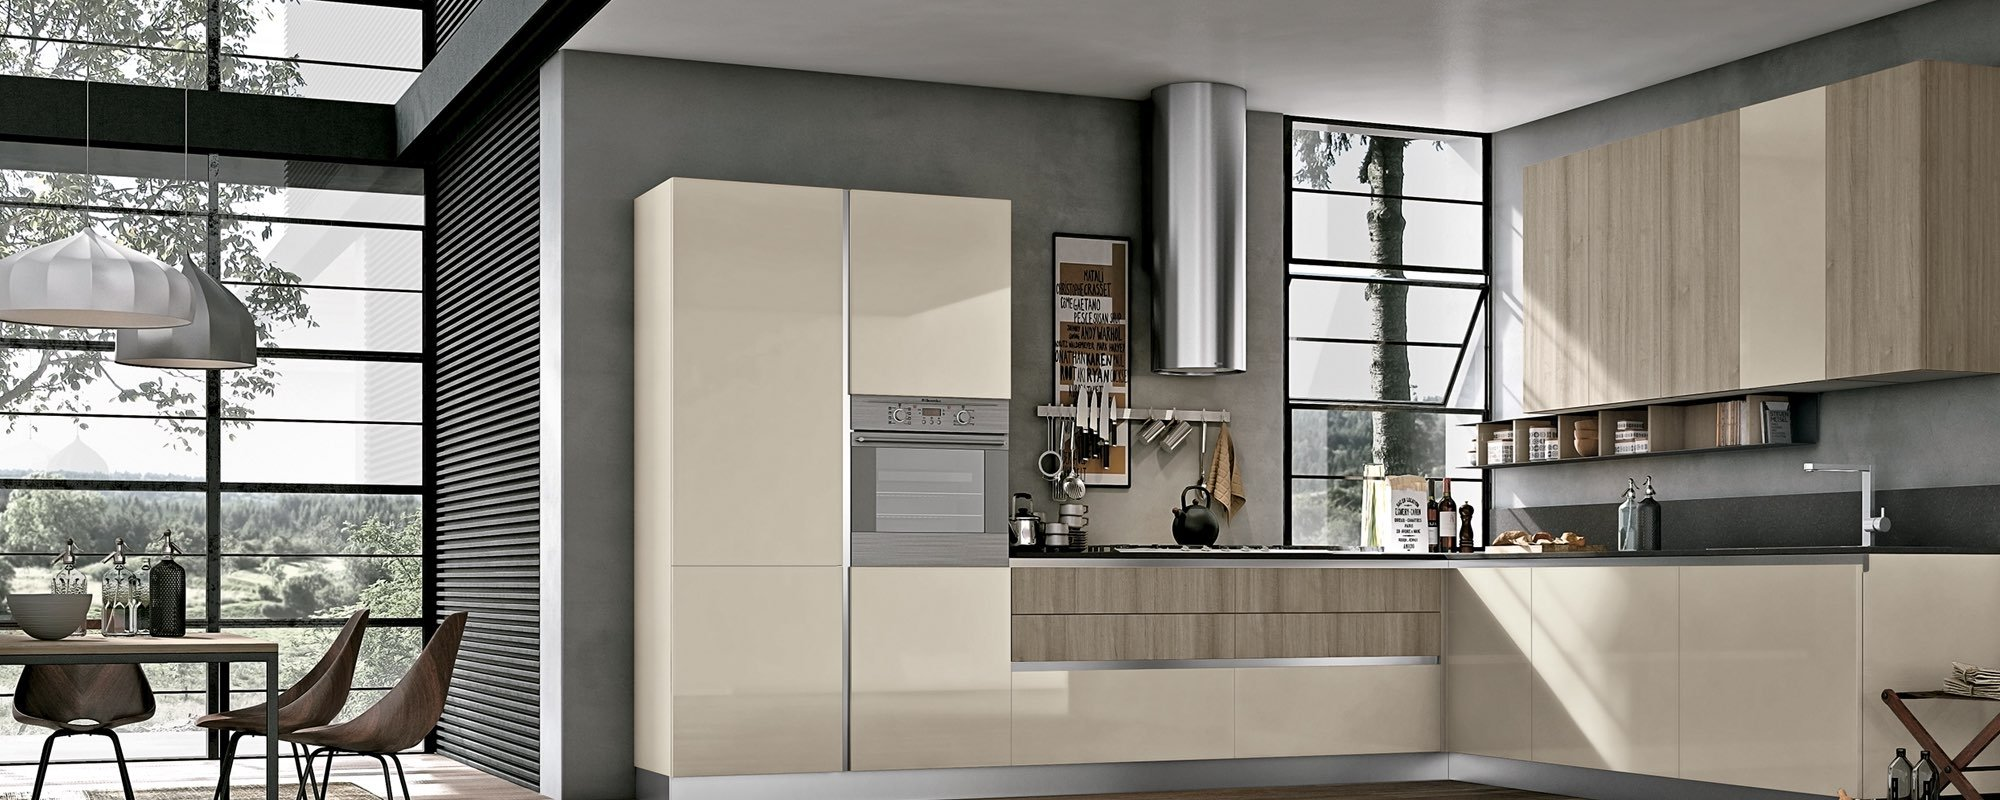 Cucina ad angolo con finestre in vetro tavolo e sedie maya for Case moderne sotto 2000 piedi quadrati